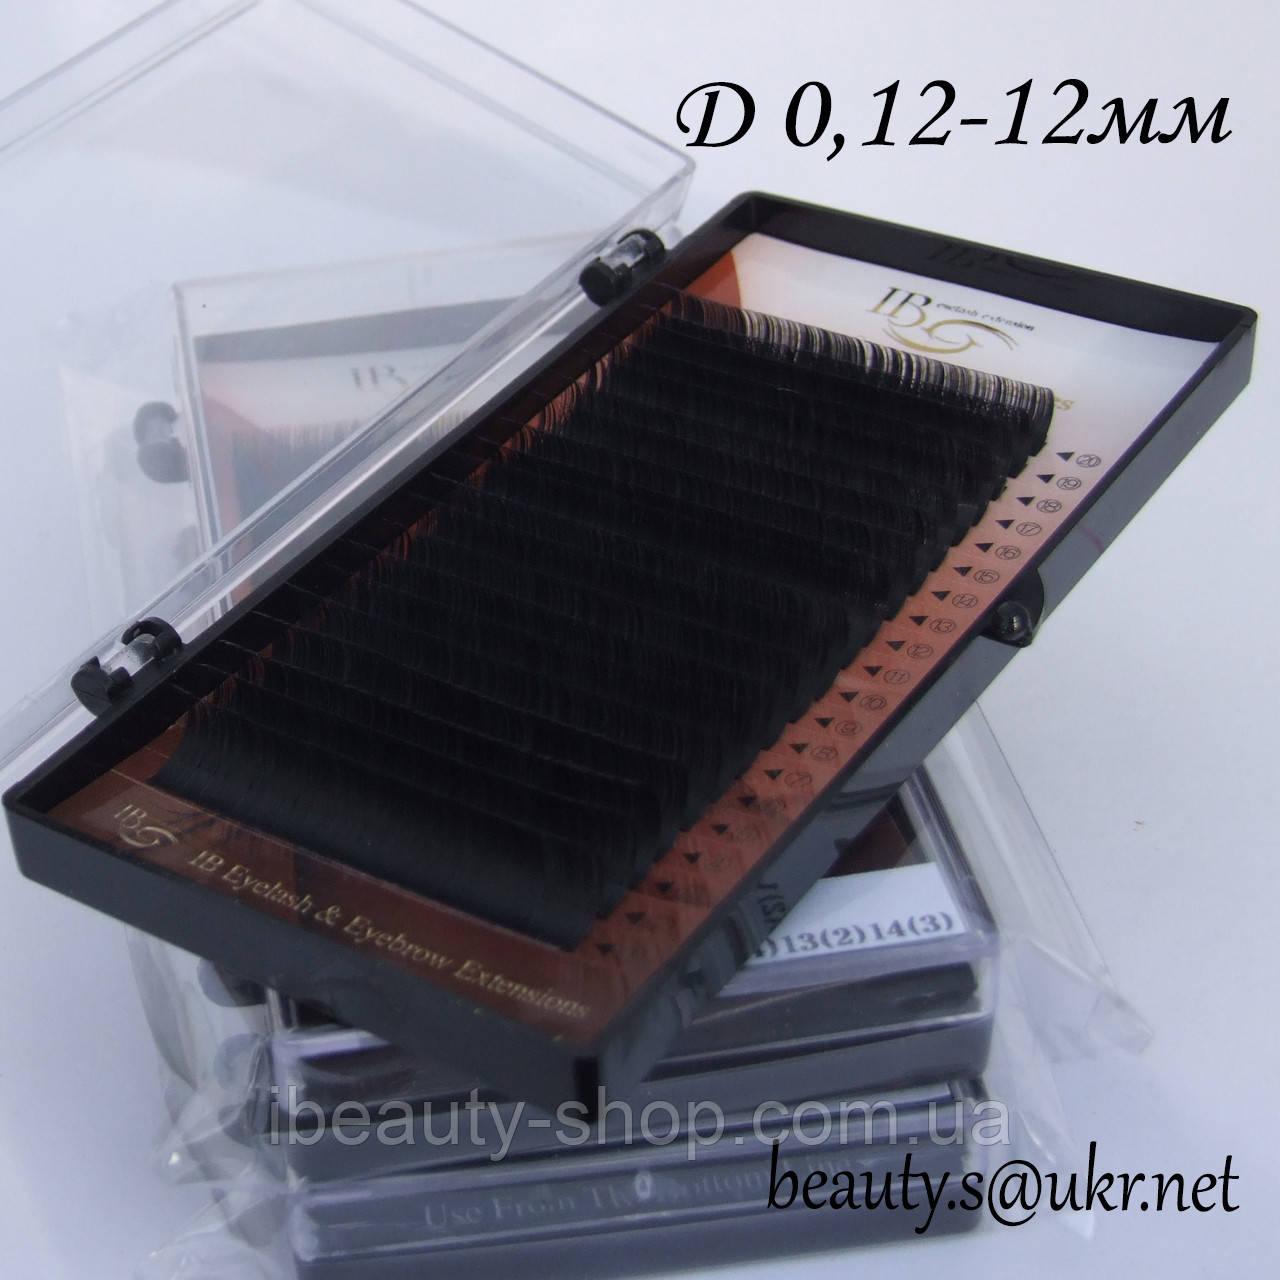 Вії I-Beauty на стрічці D-0,12 12мм